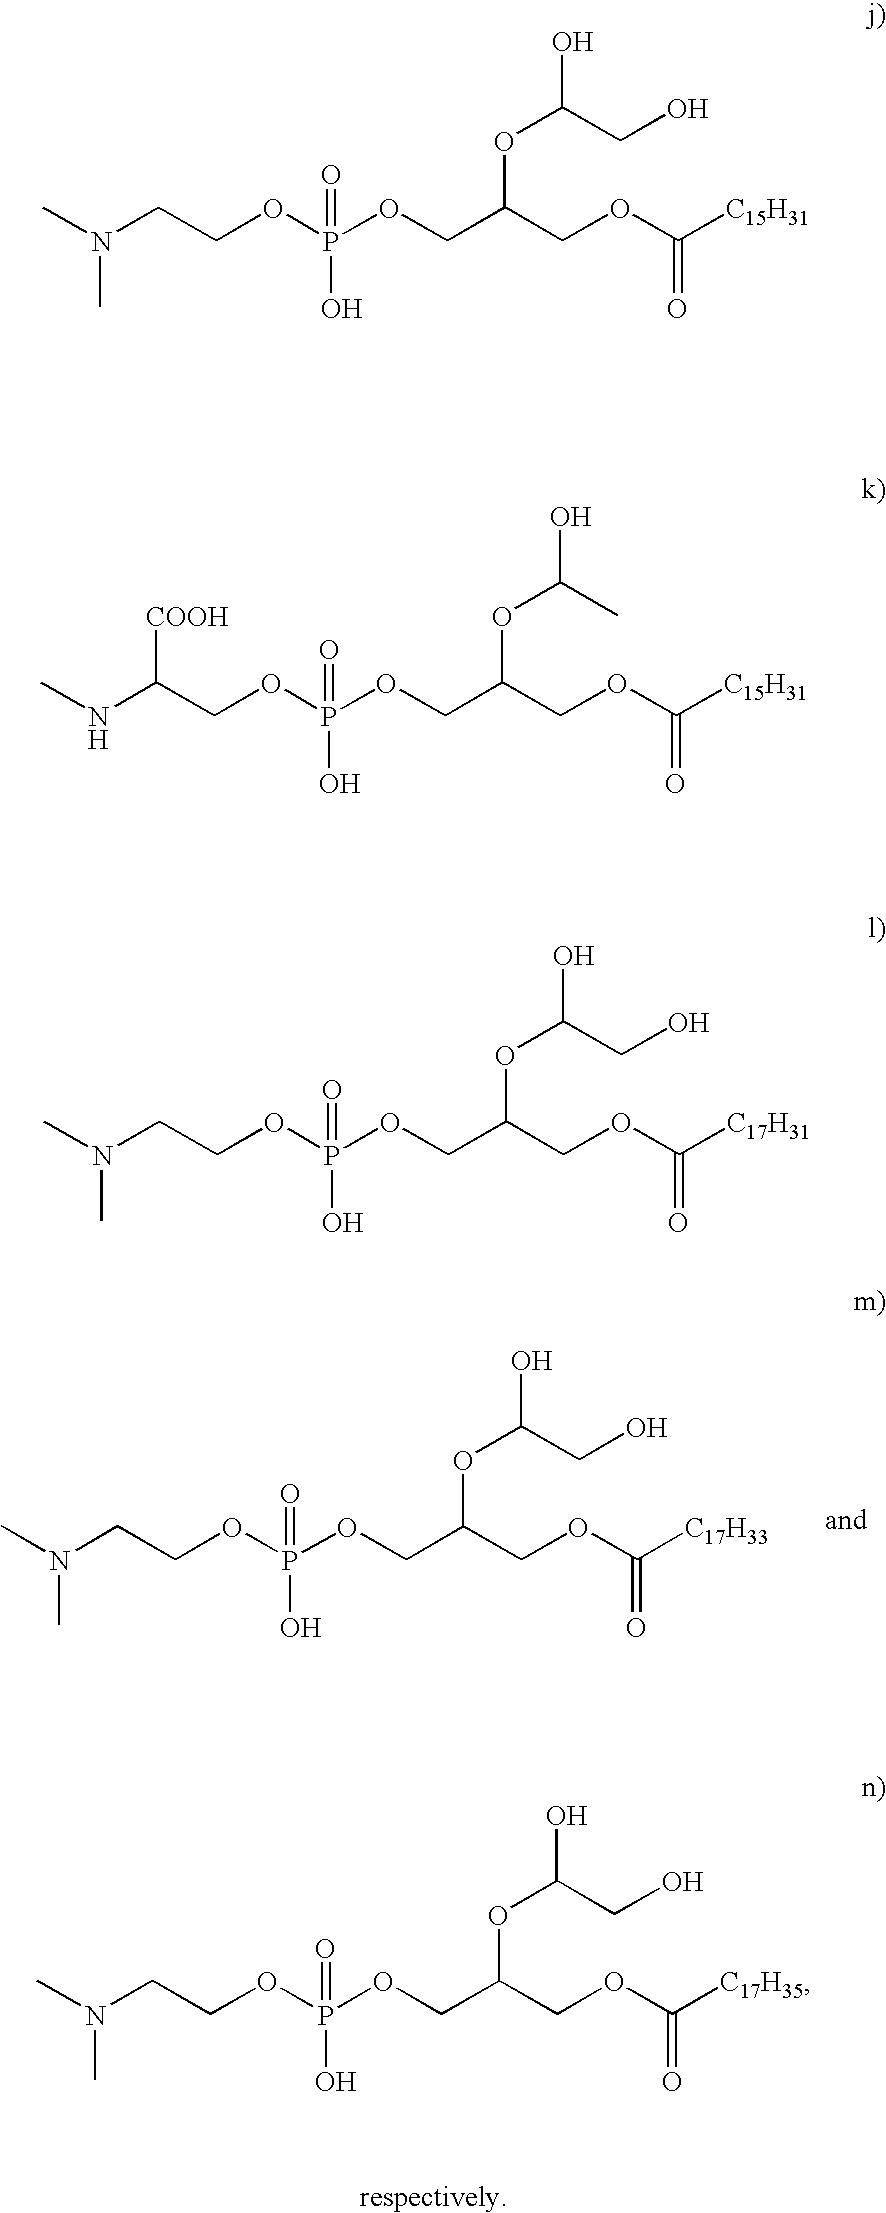 Figure US20090127454A1-20090521-C00002